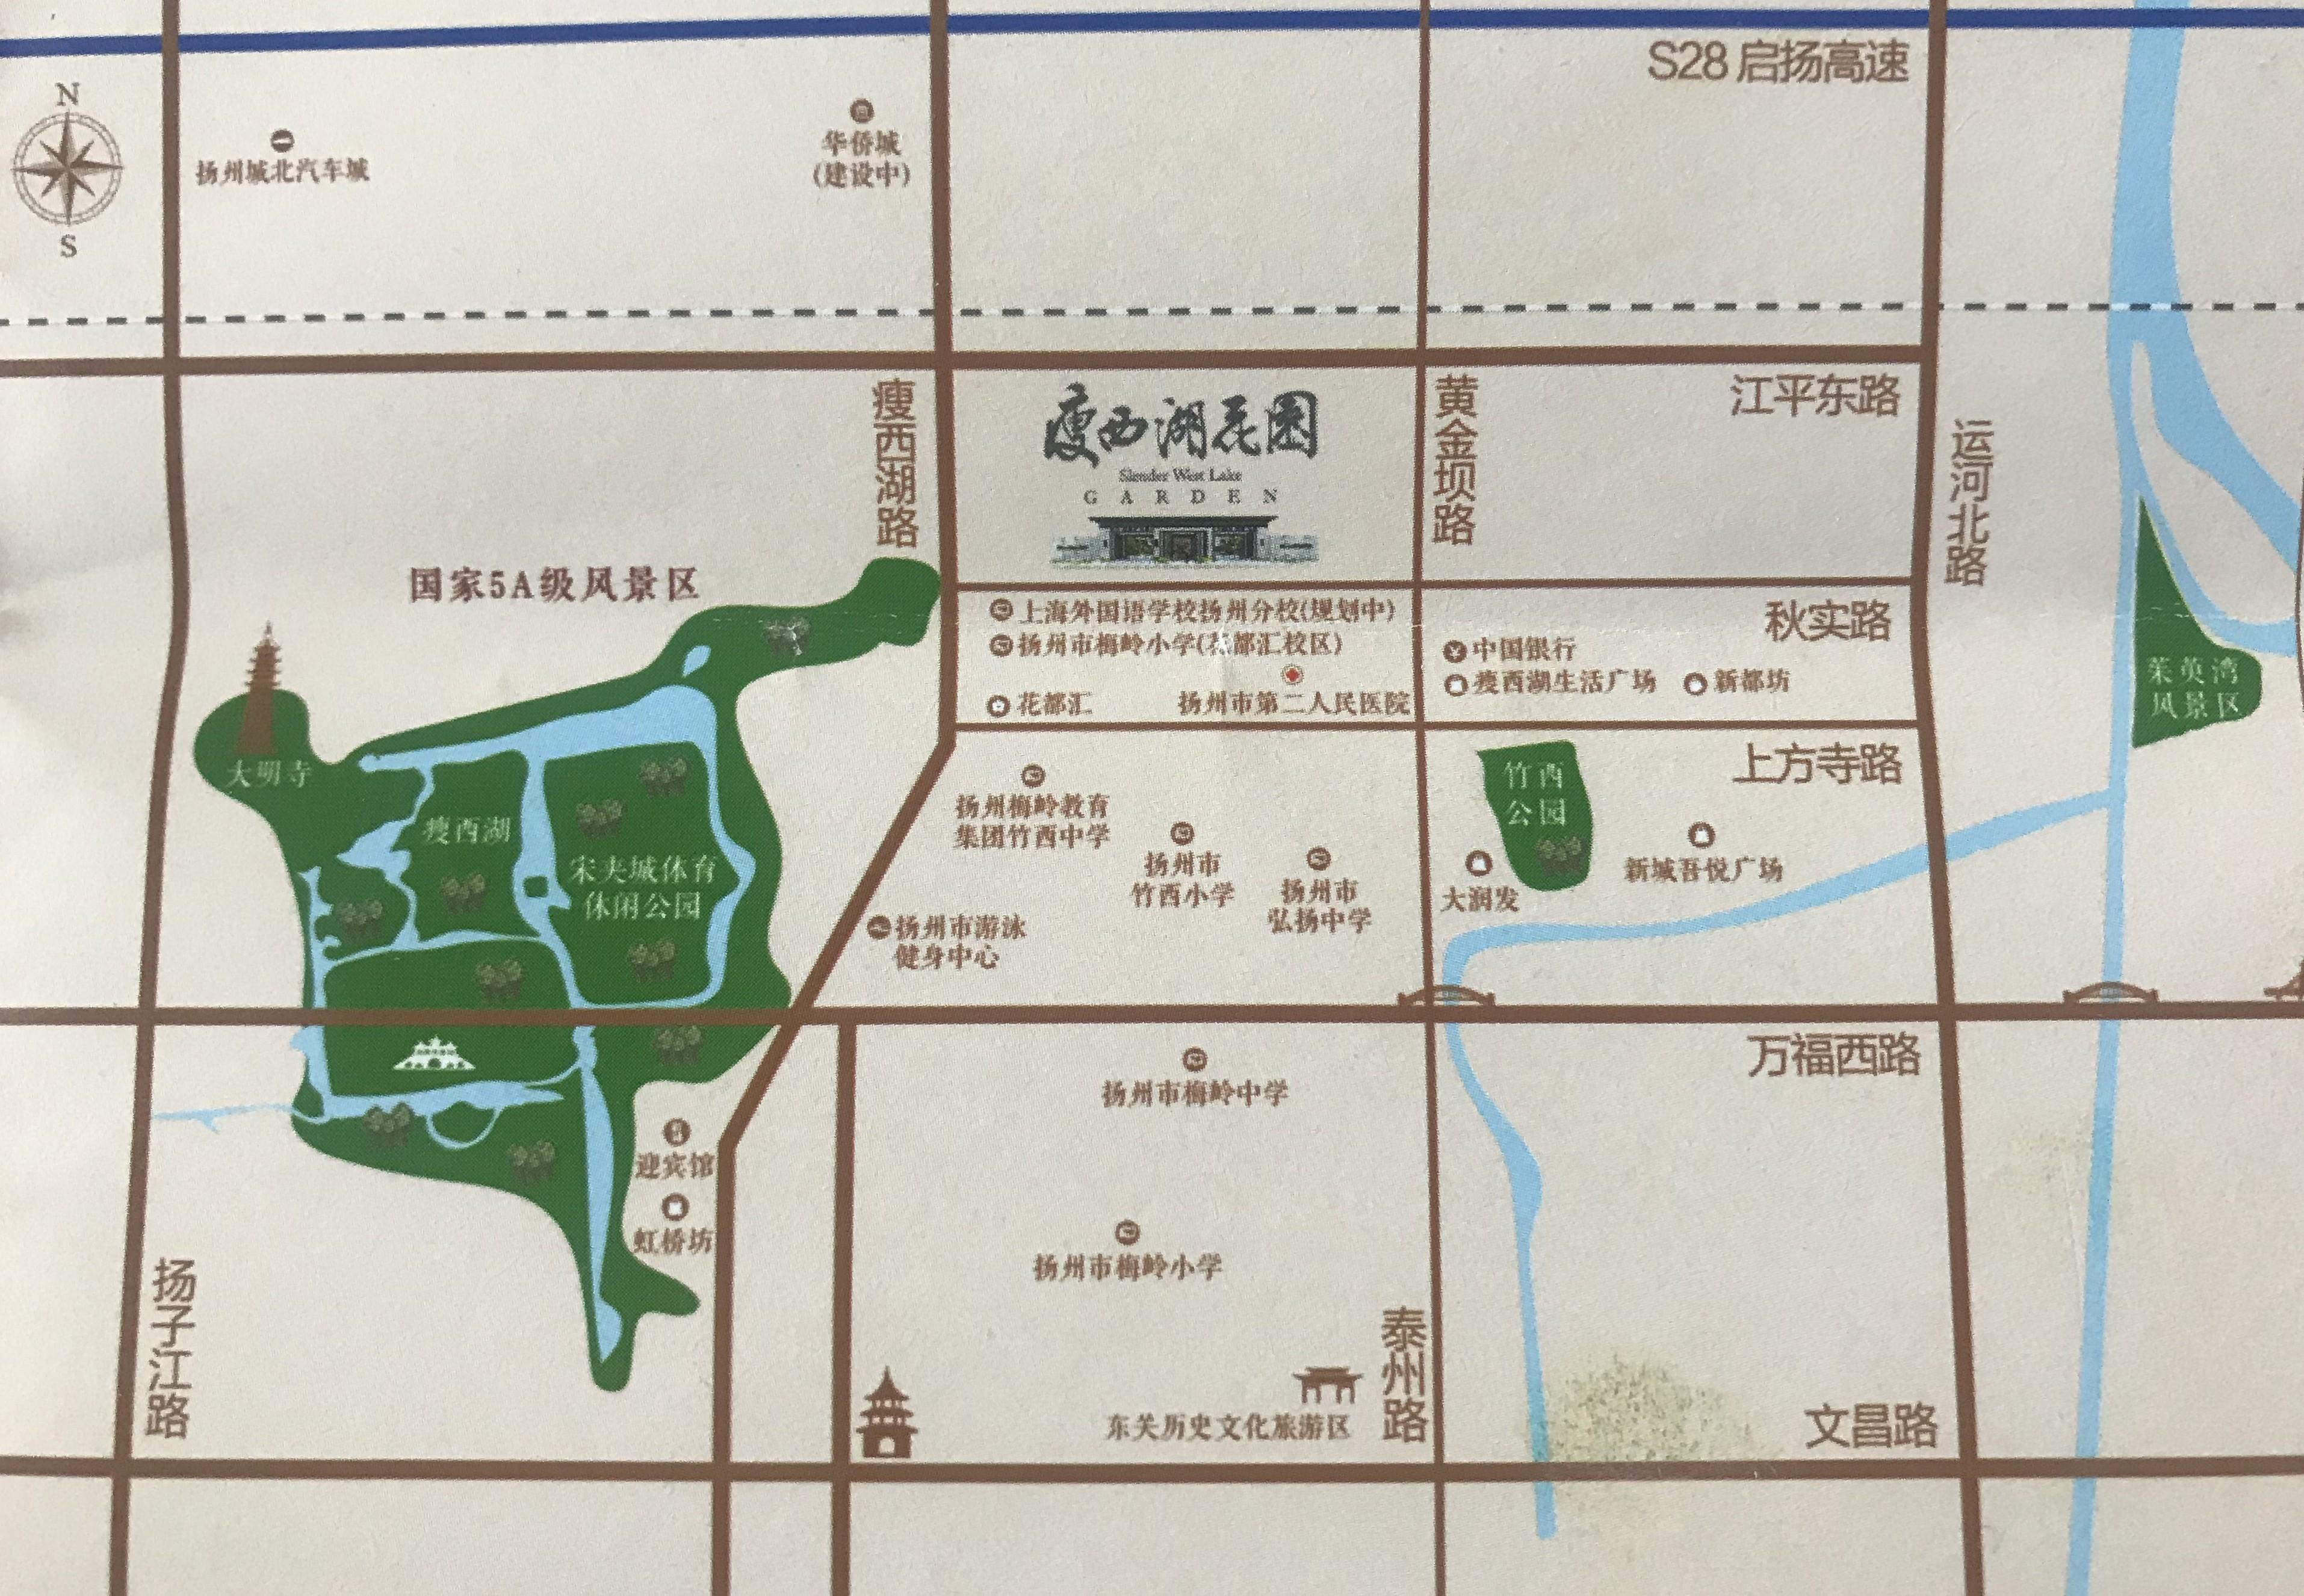 瘦西湖花园位置图